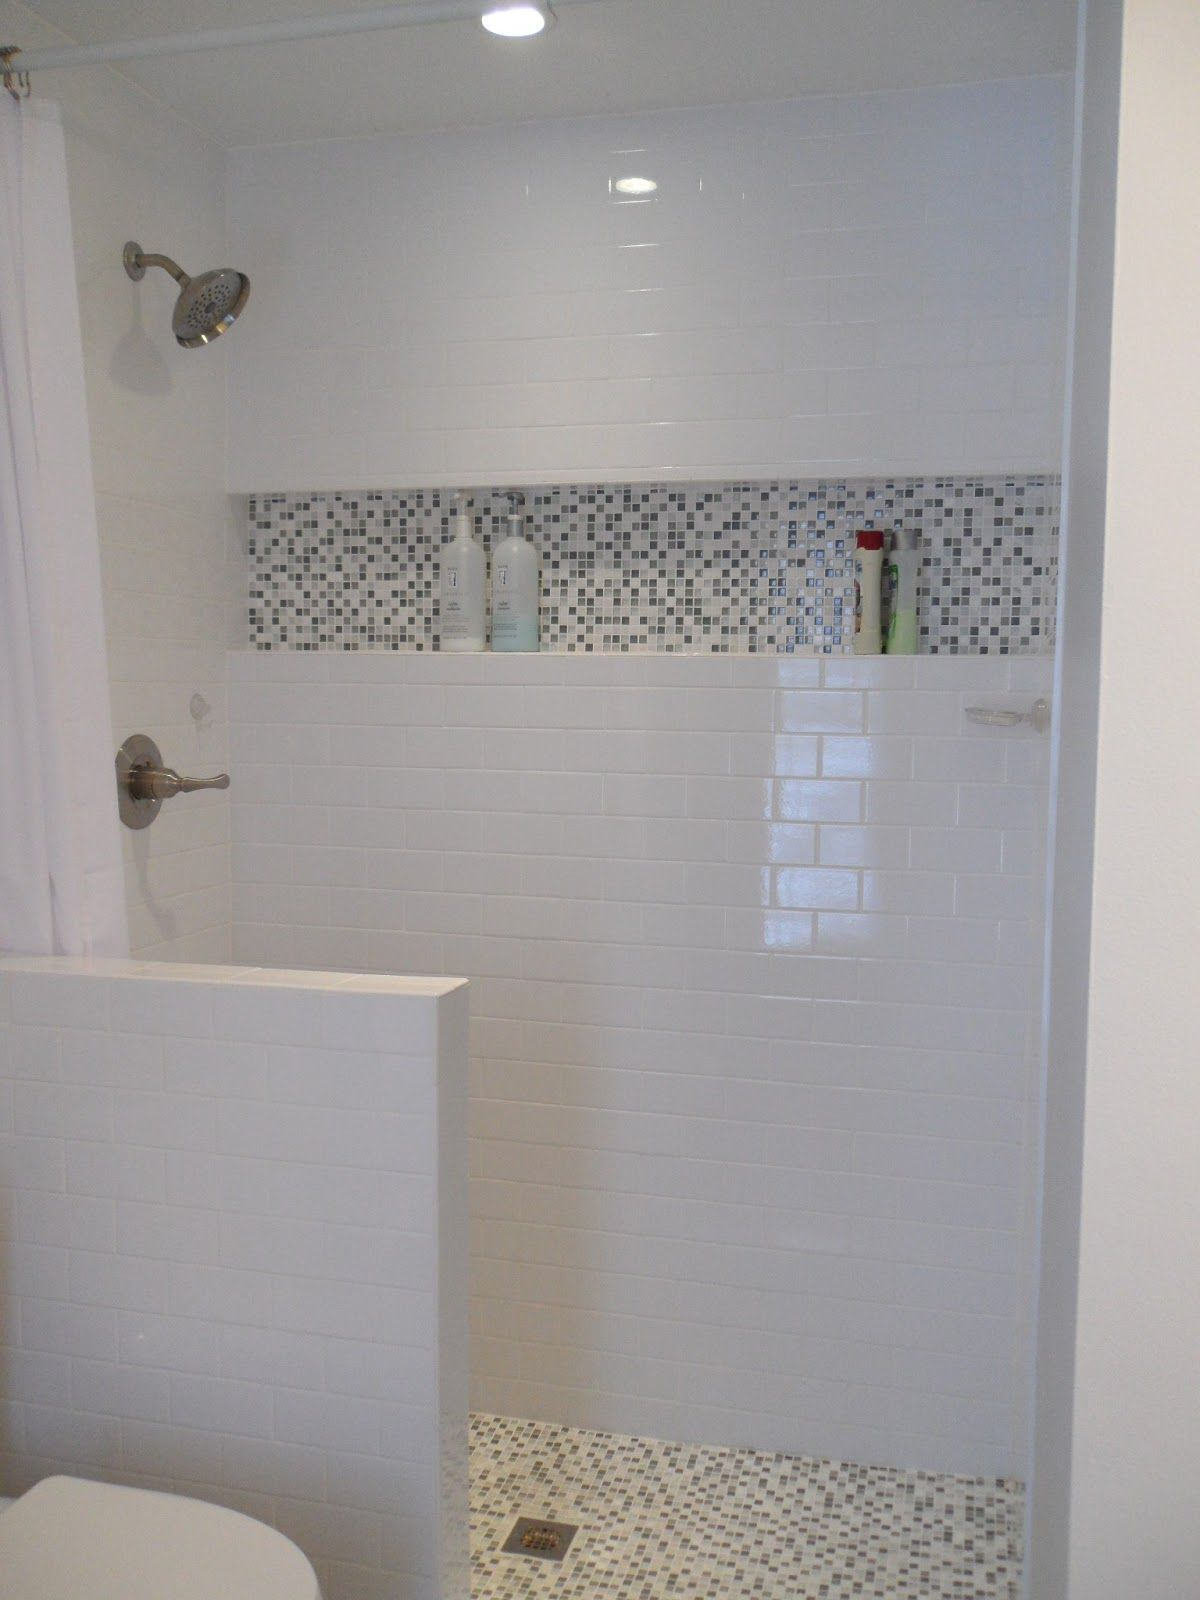 House Tour Kleines Haus Badezimmer Badezimmerideen Dusche Umgestalten